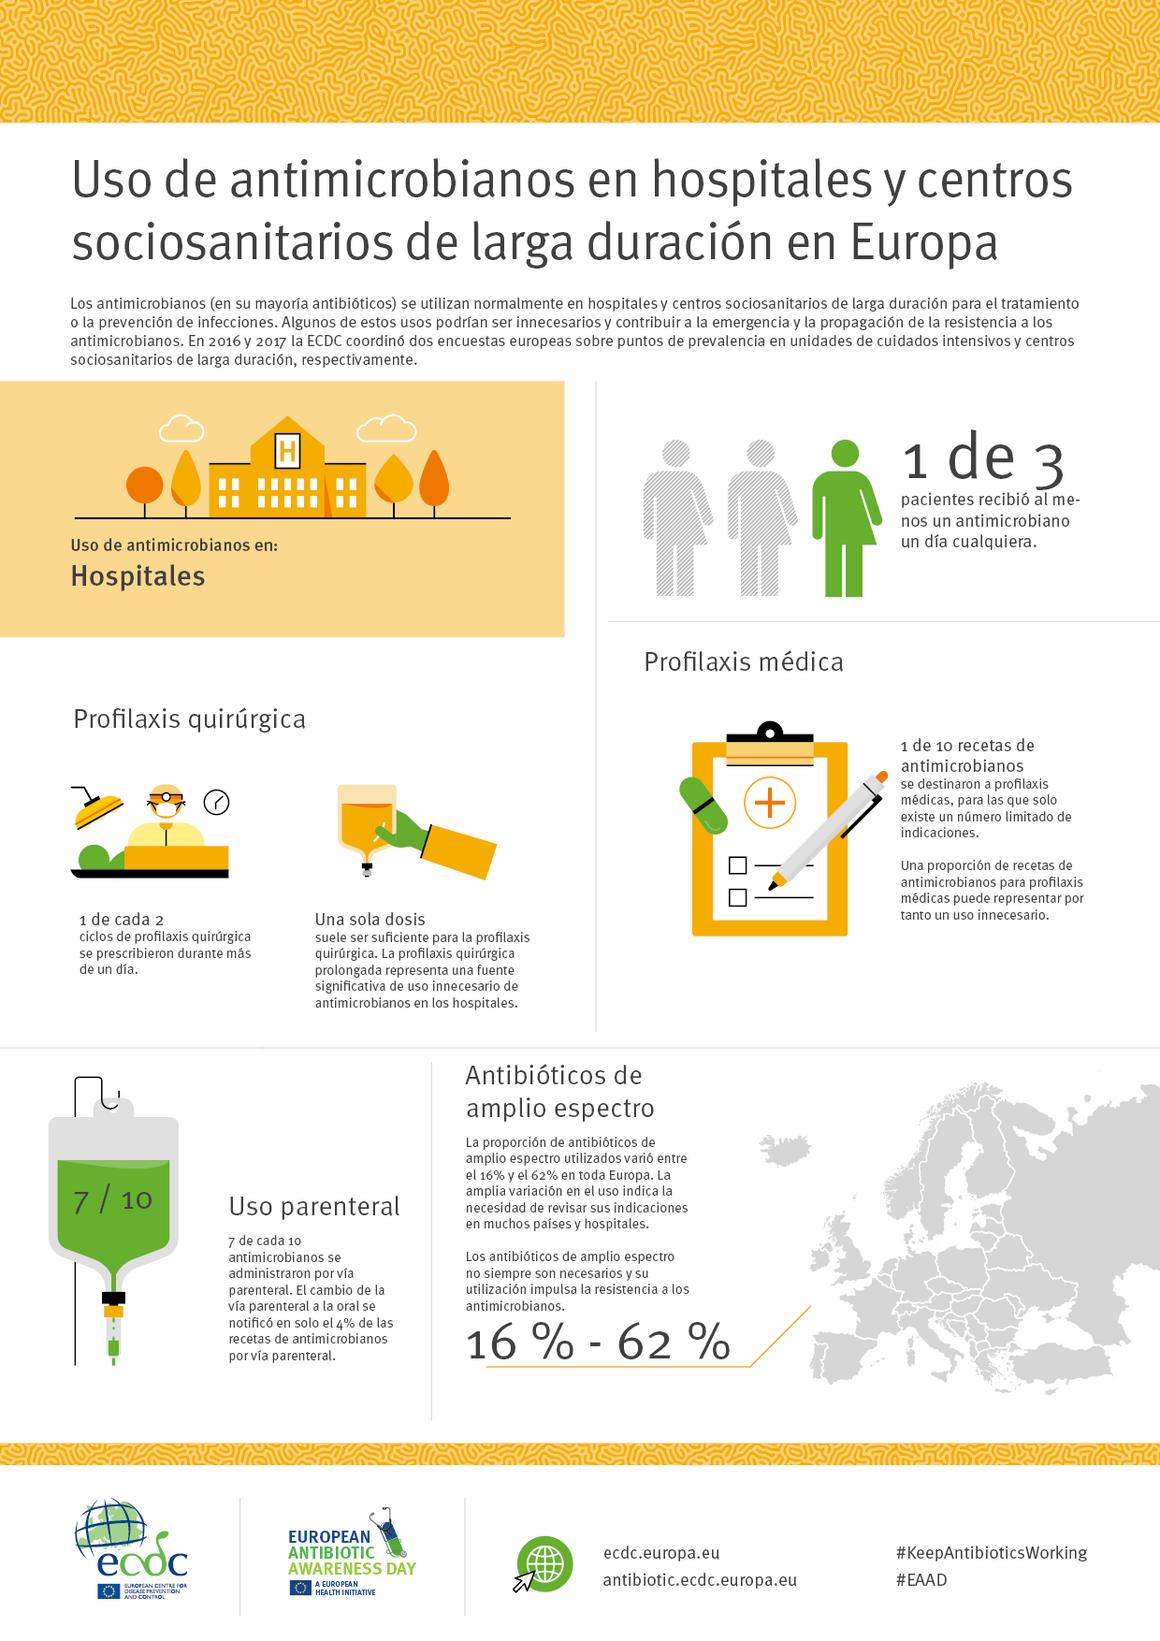 Uso de antimicrobianos en hospitales y centros sociosanitarios de larga duración en Europa